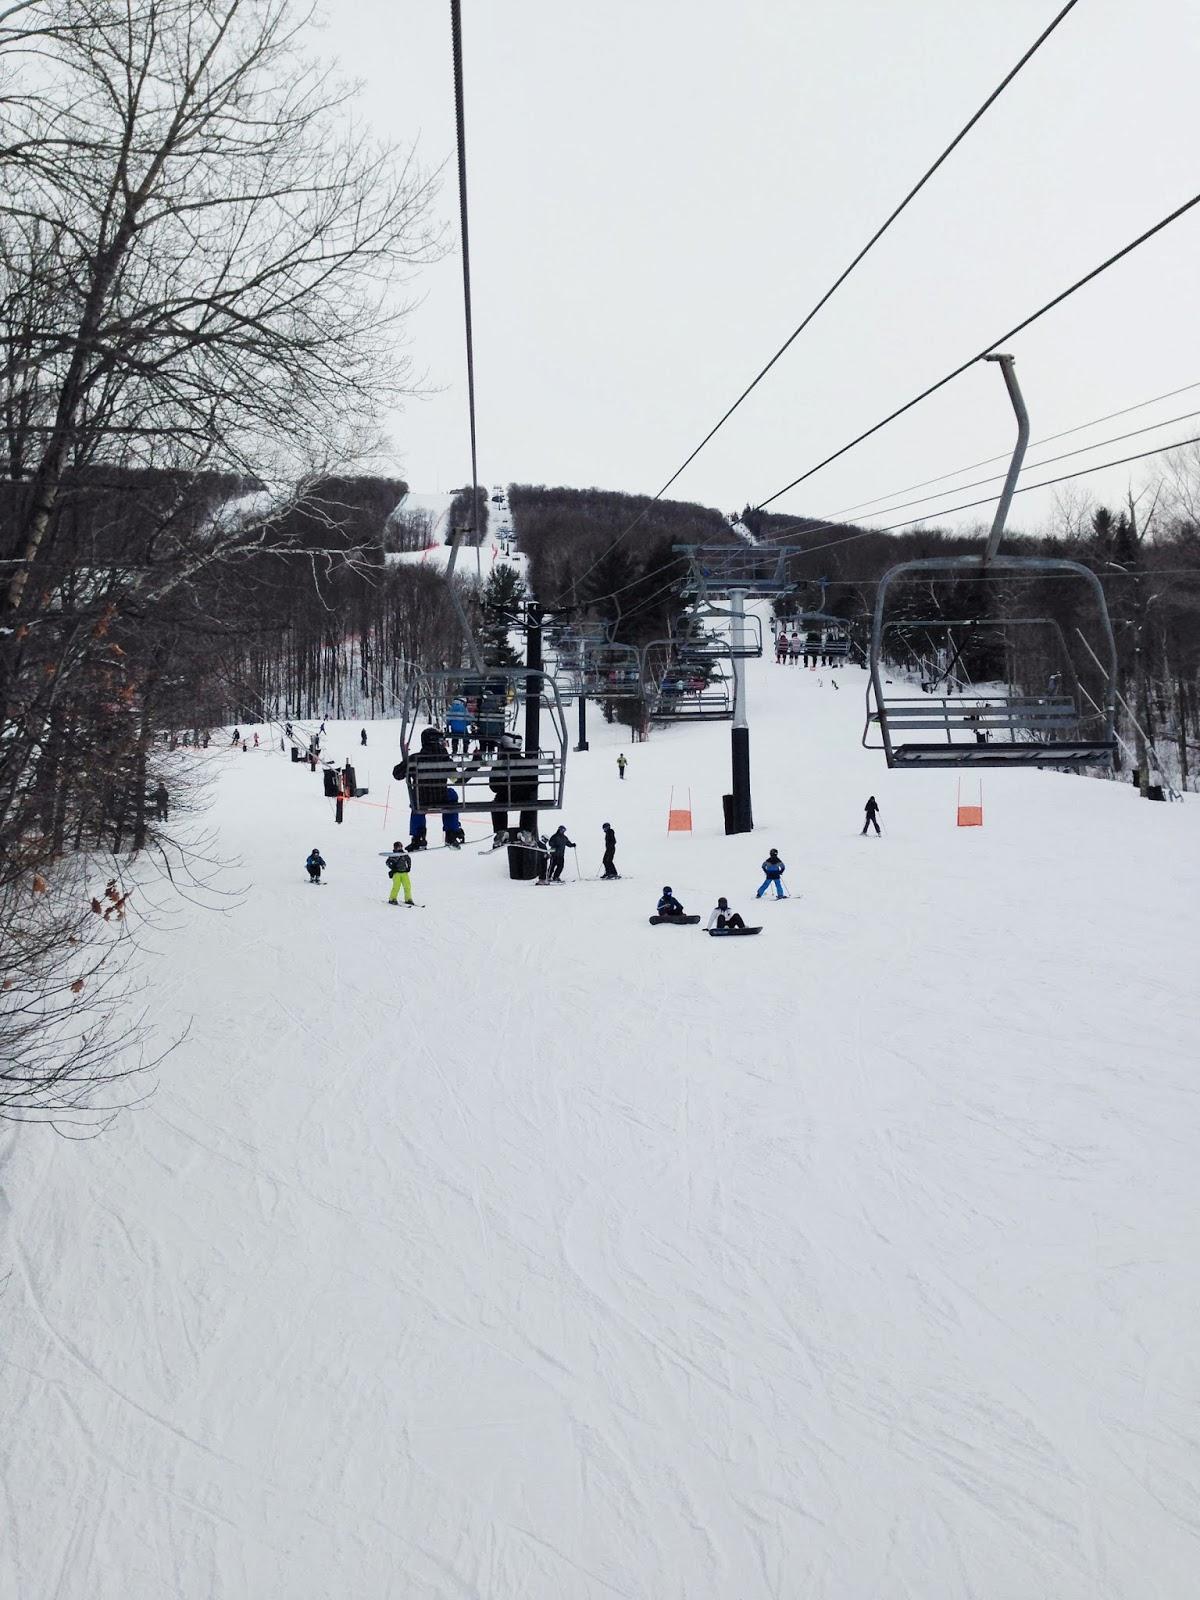 jiminy peak ski resort